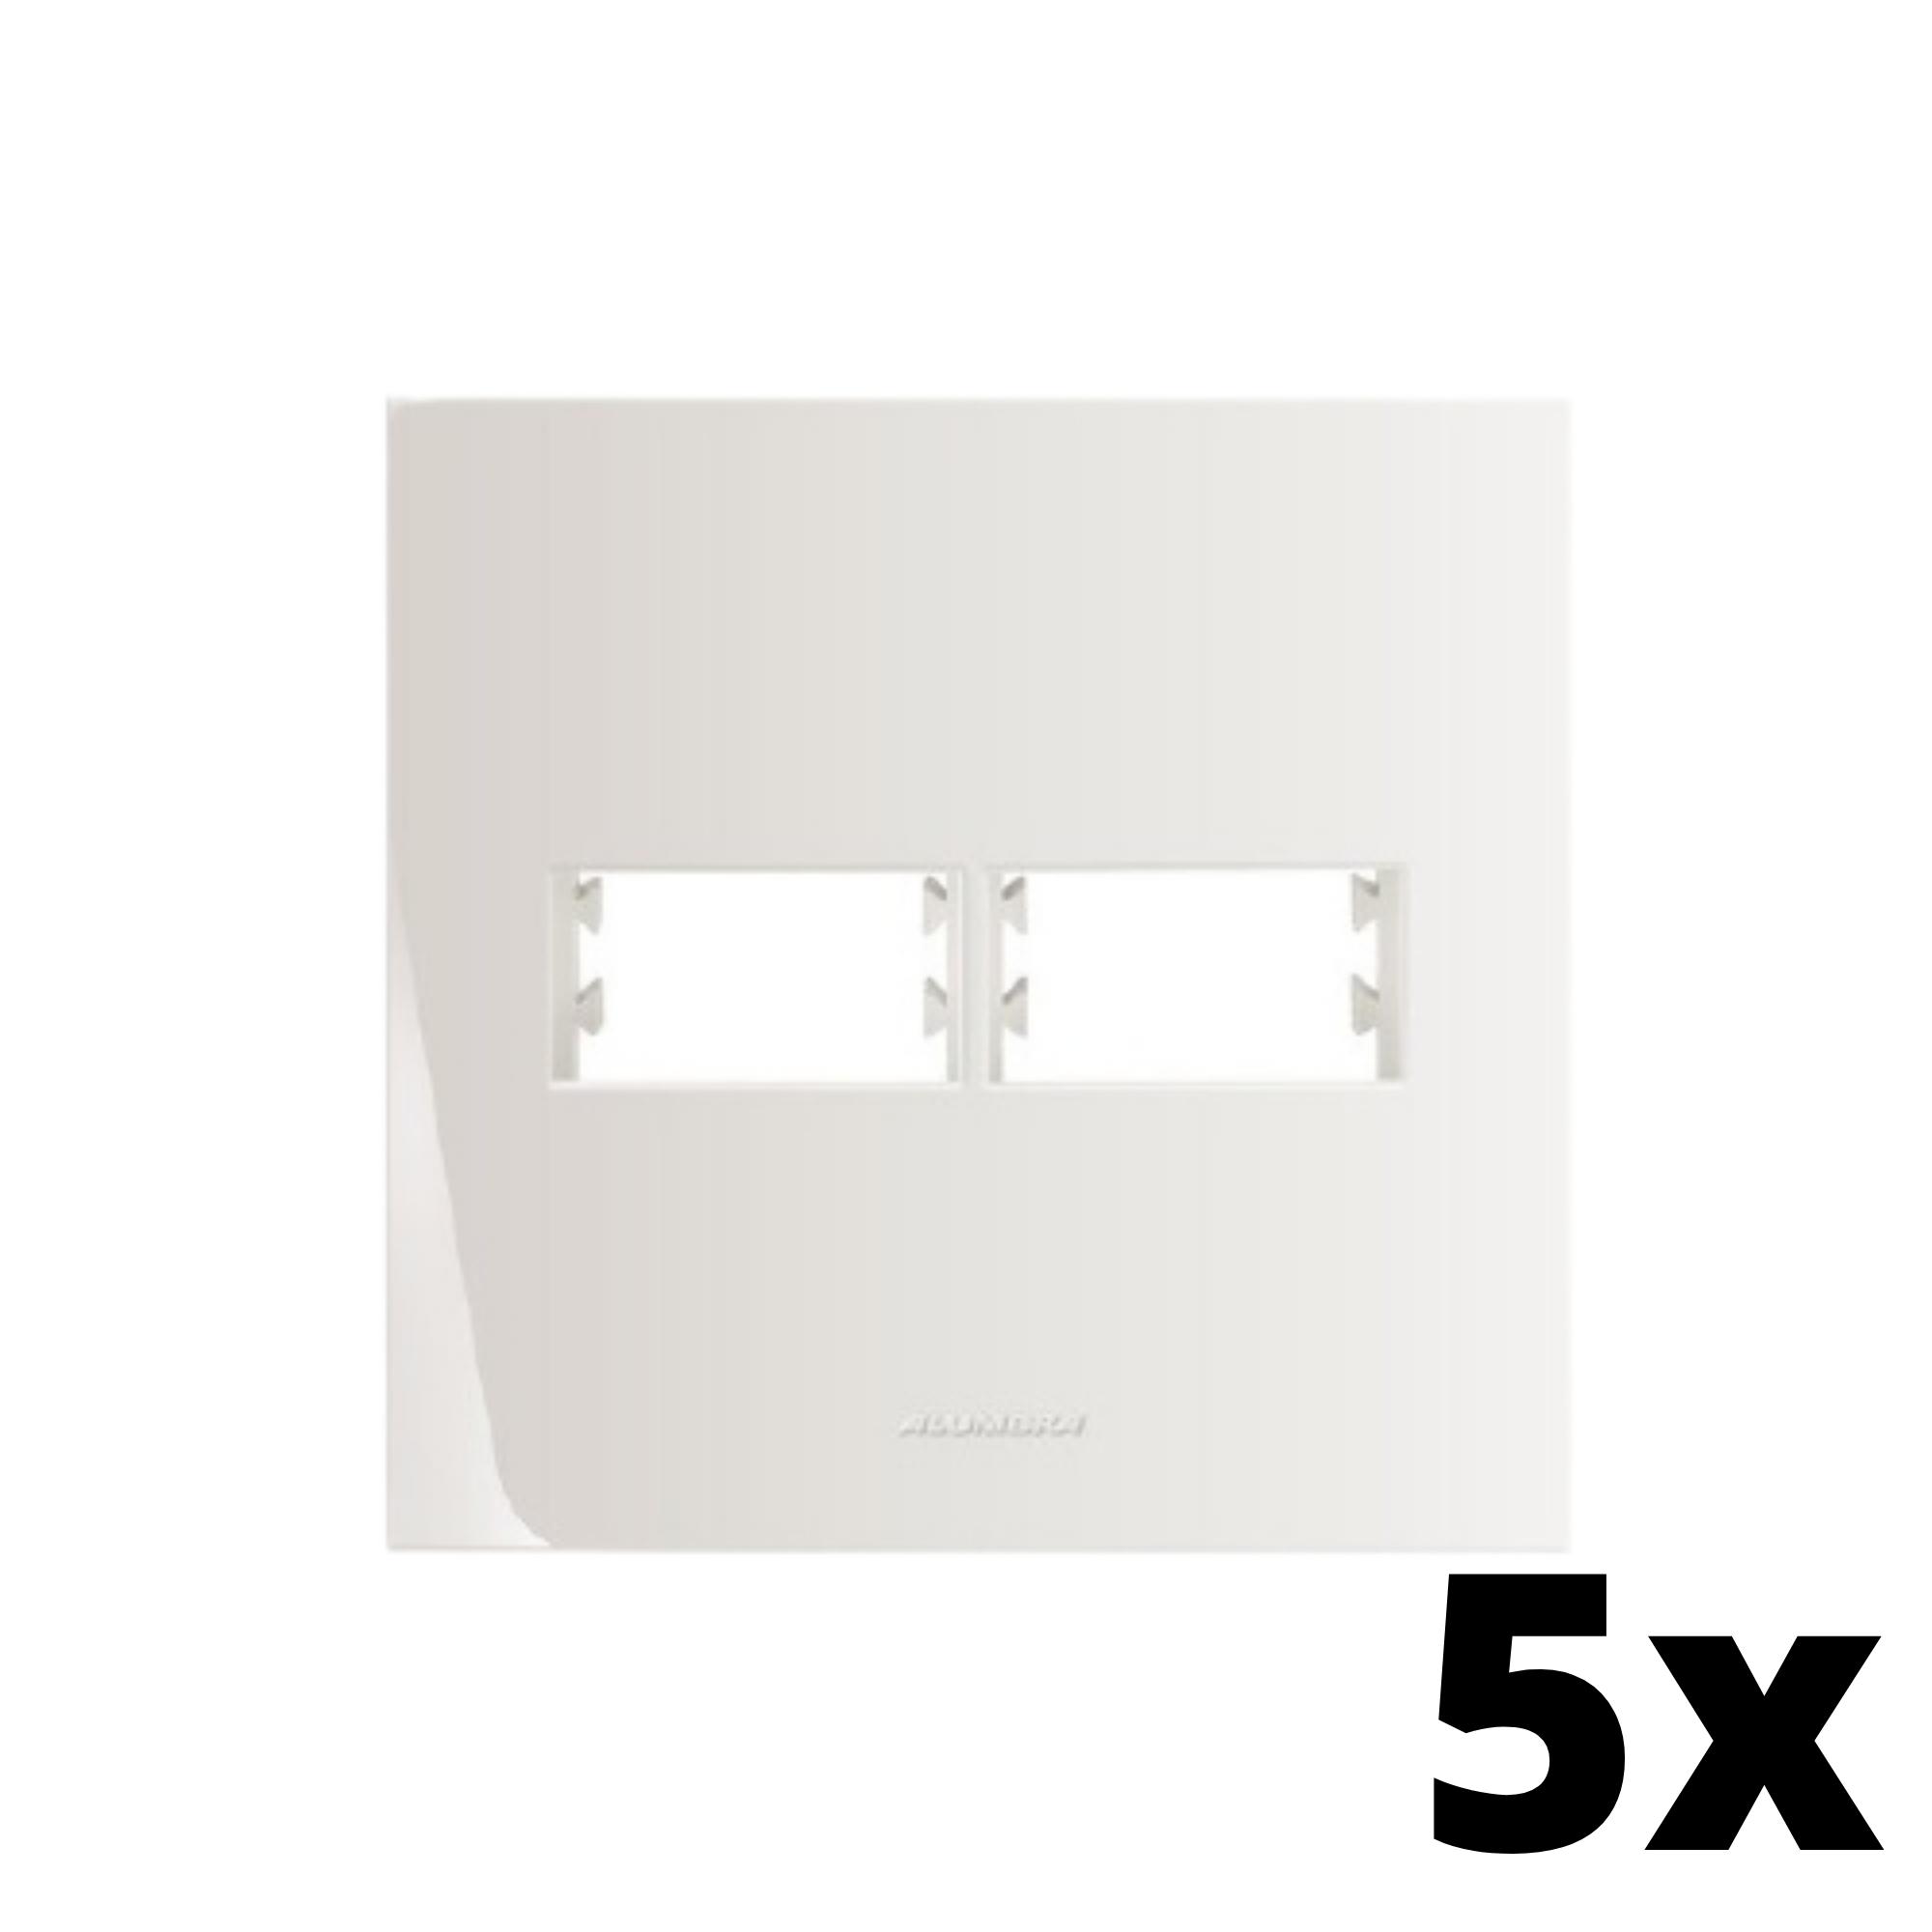 Kit 5 und Inova Pró Placa 4x4 1 Seção + 1 Seção